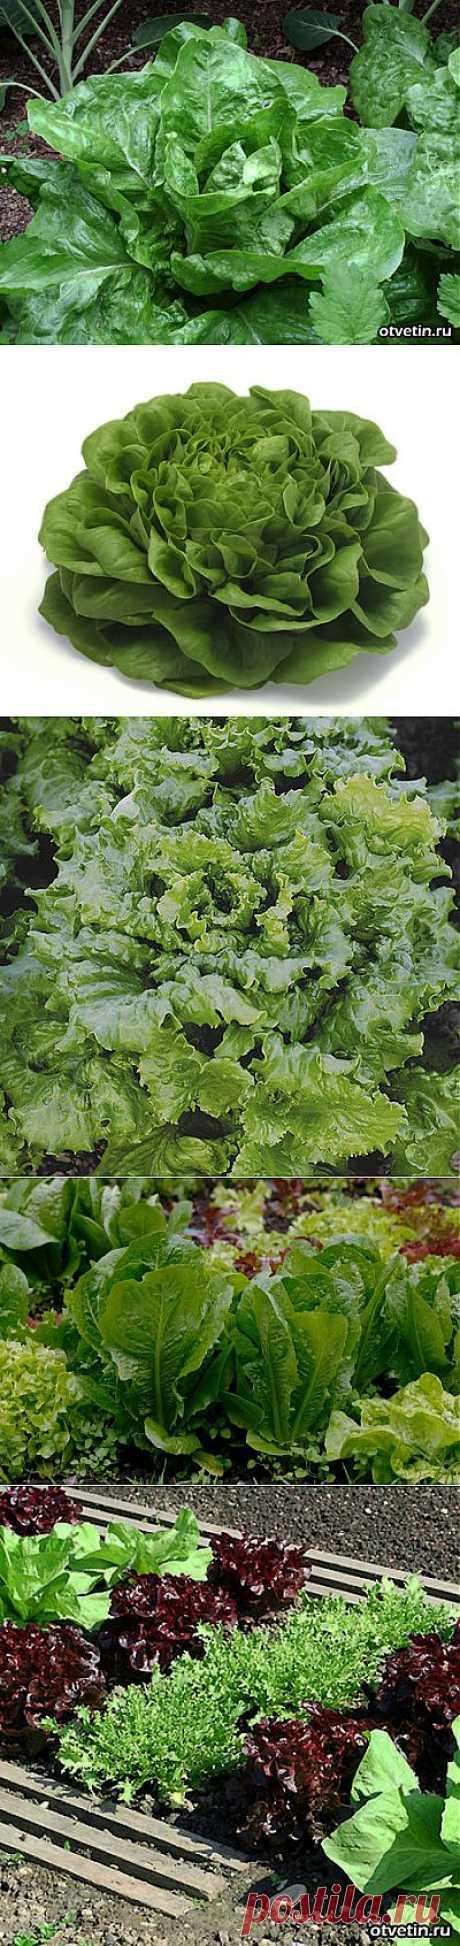 Агротехника выращивания салата,обзор популярных сортов.